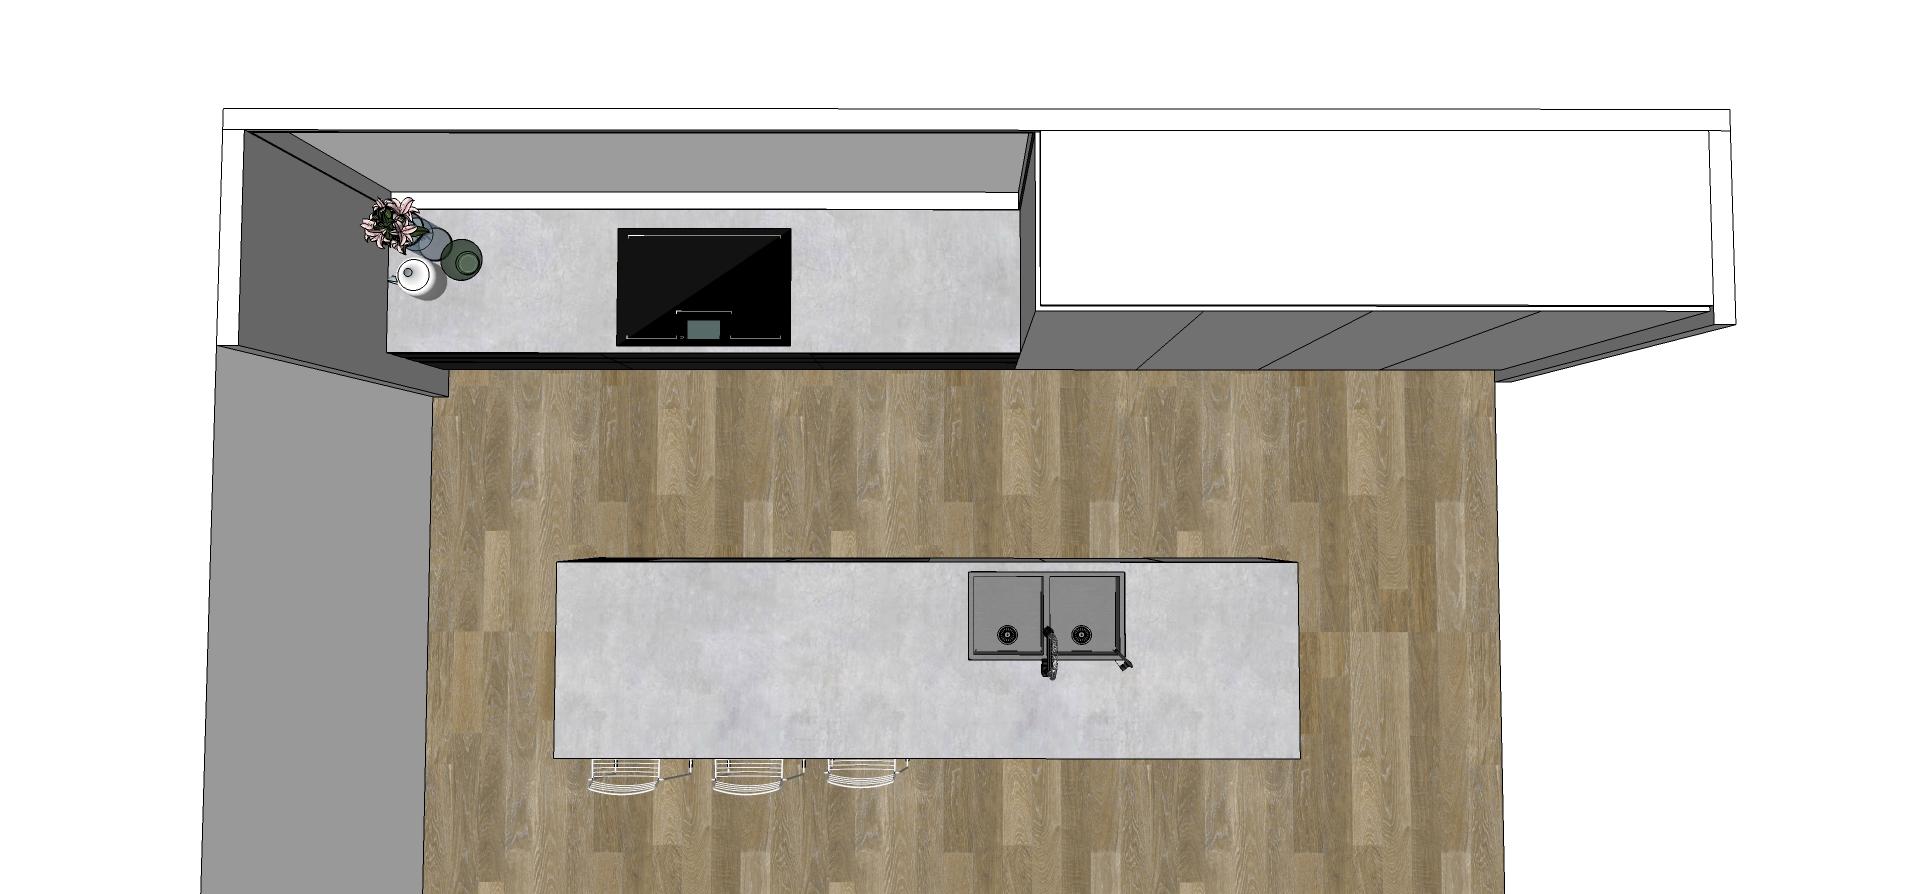 Bird eye view of kitchen